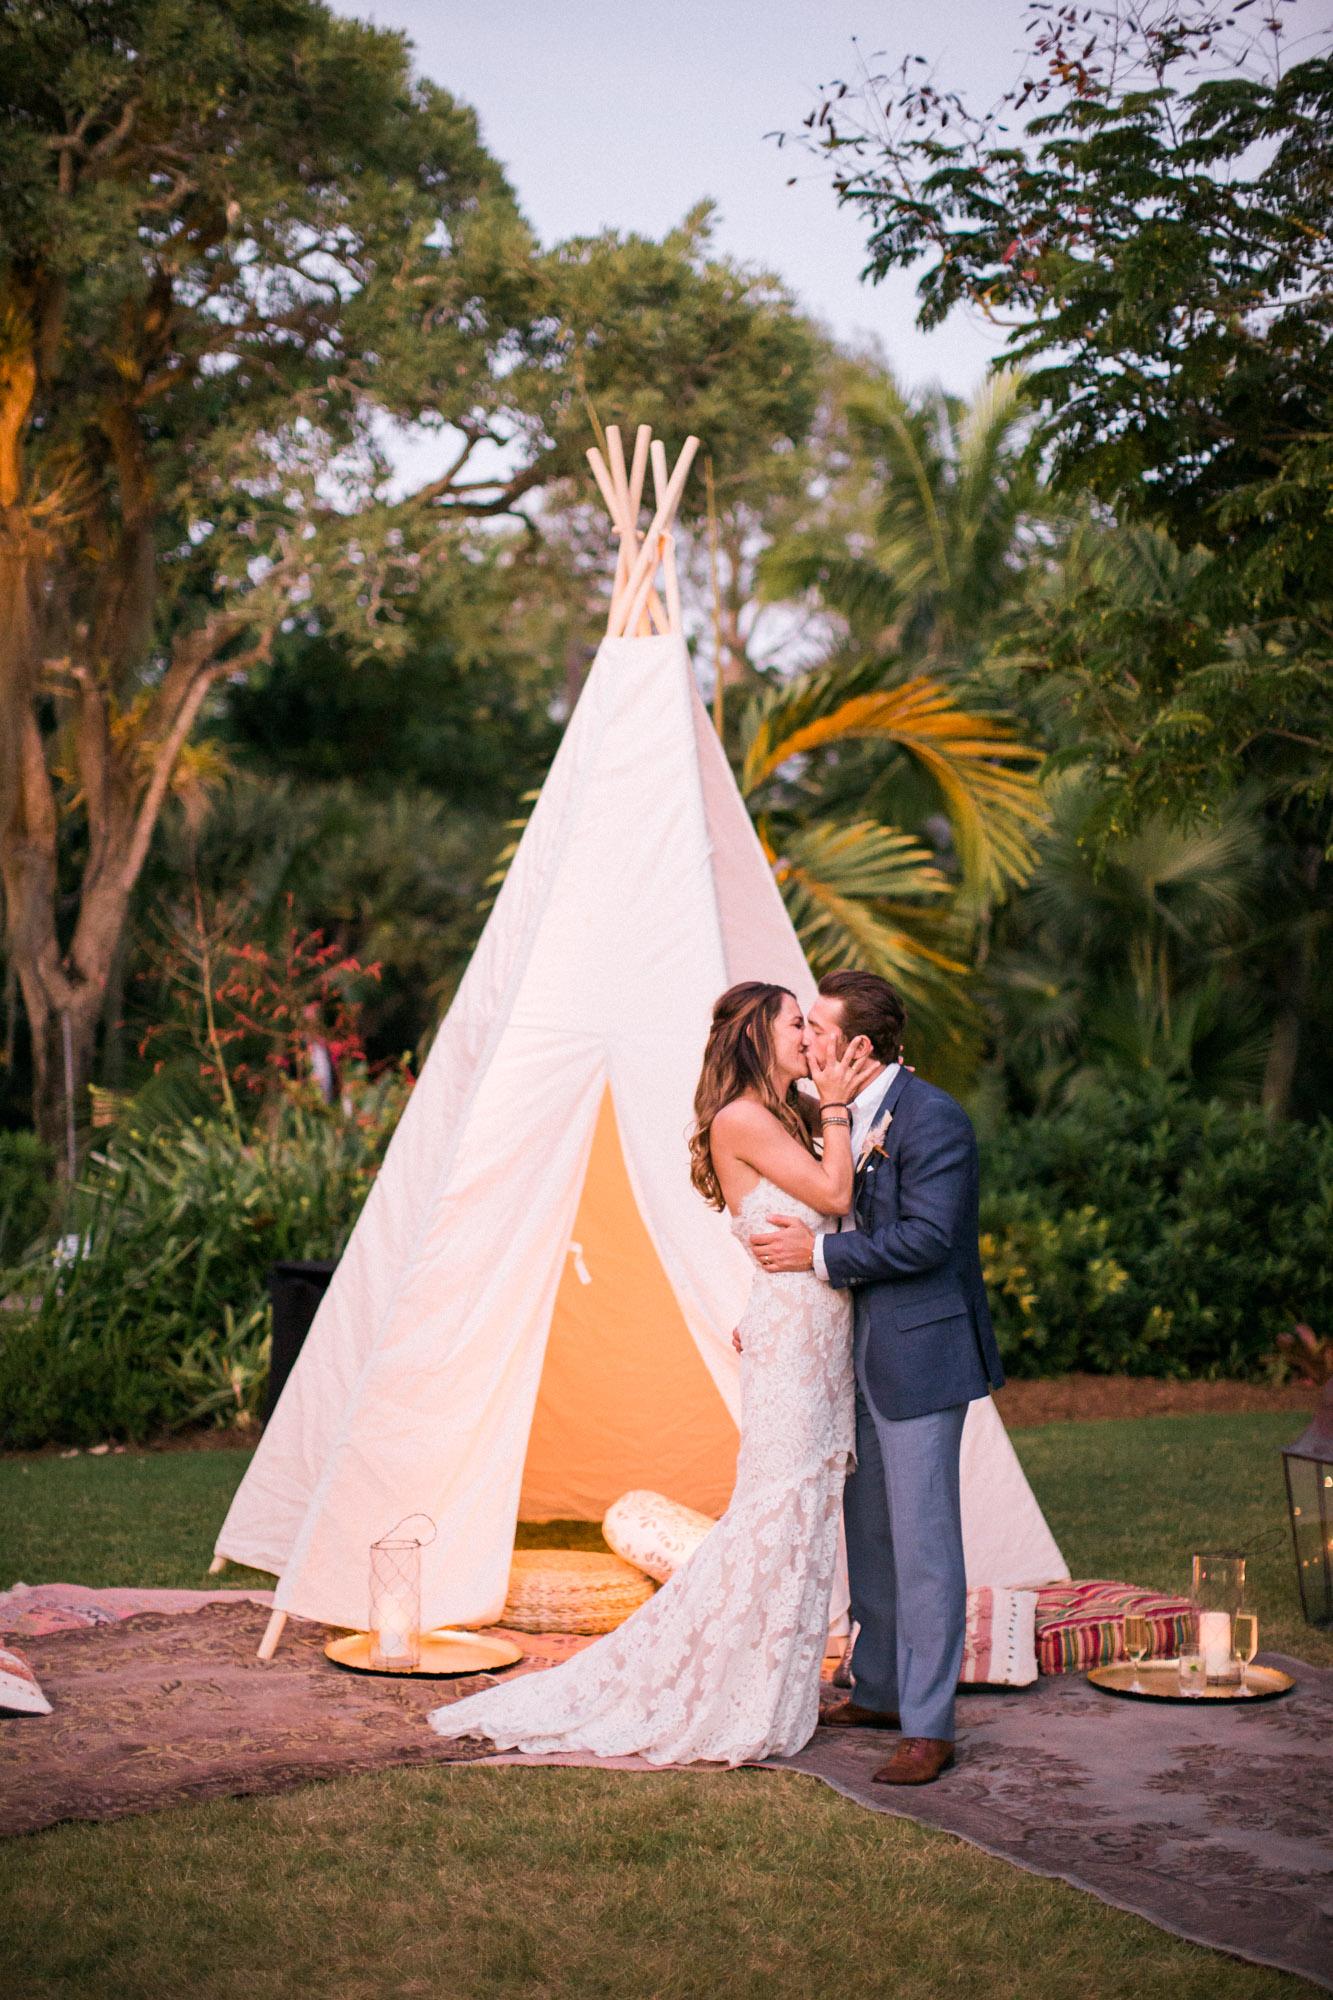 naples-botanical-garden-luxury-destination-wedding-anna-lucia-events-2470.jpg